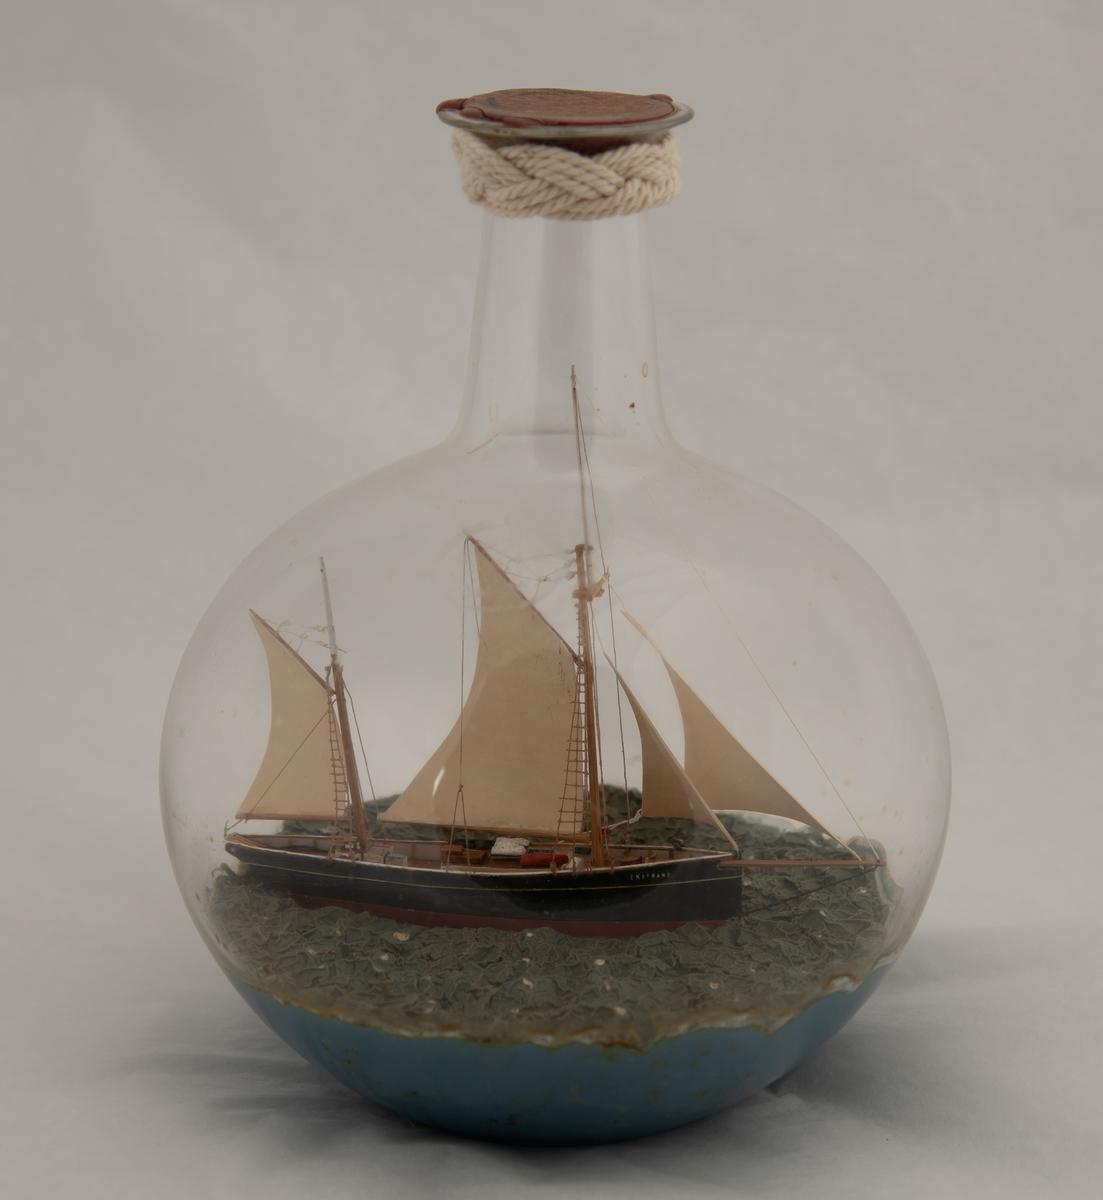 """Flaskeskute: """"Ekstrand"""" , galeasrigget kutter , før ombyggingen i 1990.  Kuleformet flaske av klart glass . Sortmalt skrog , rød under vannlinjen , hvit kant , hvite seil. Lys blågrønn kruset sjø."""